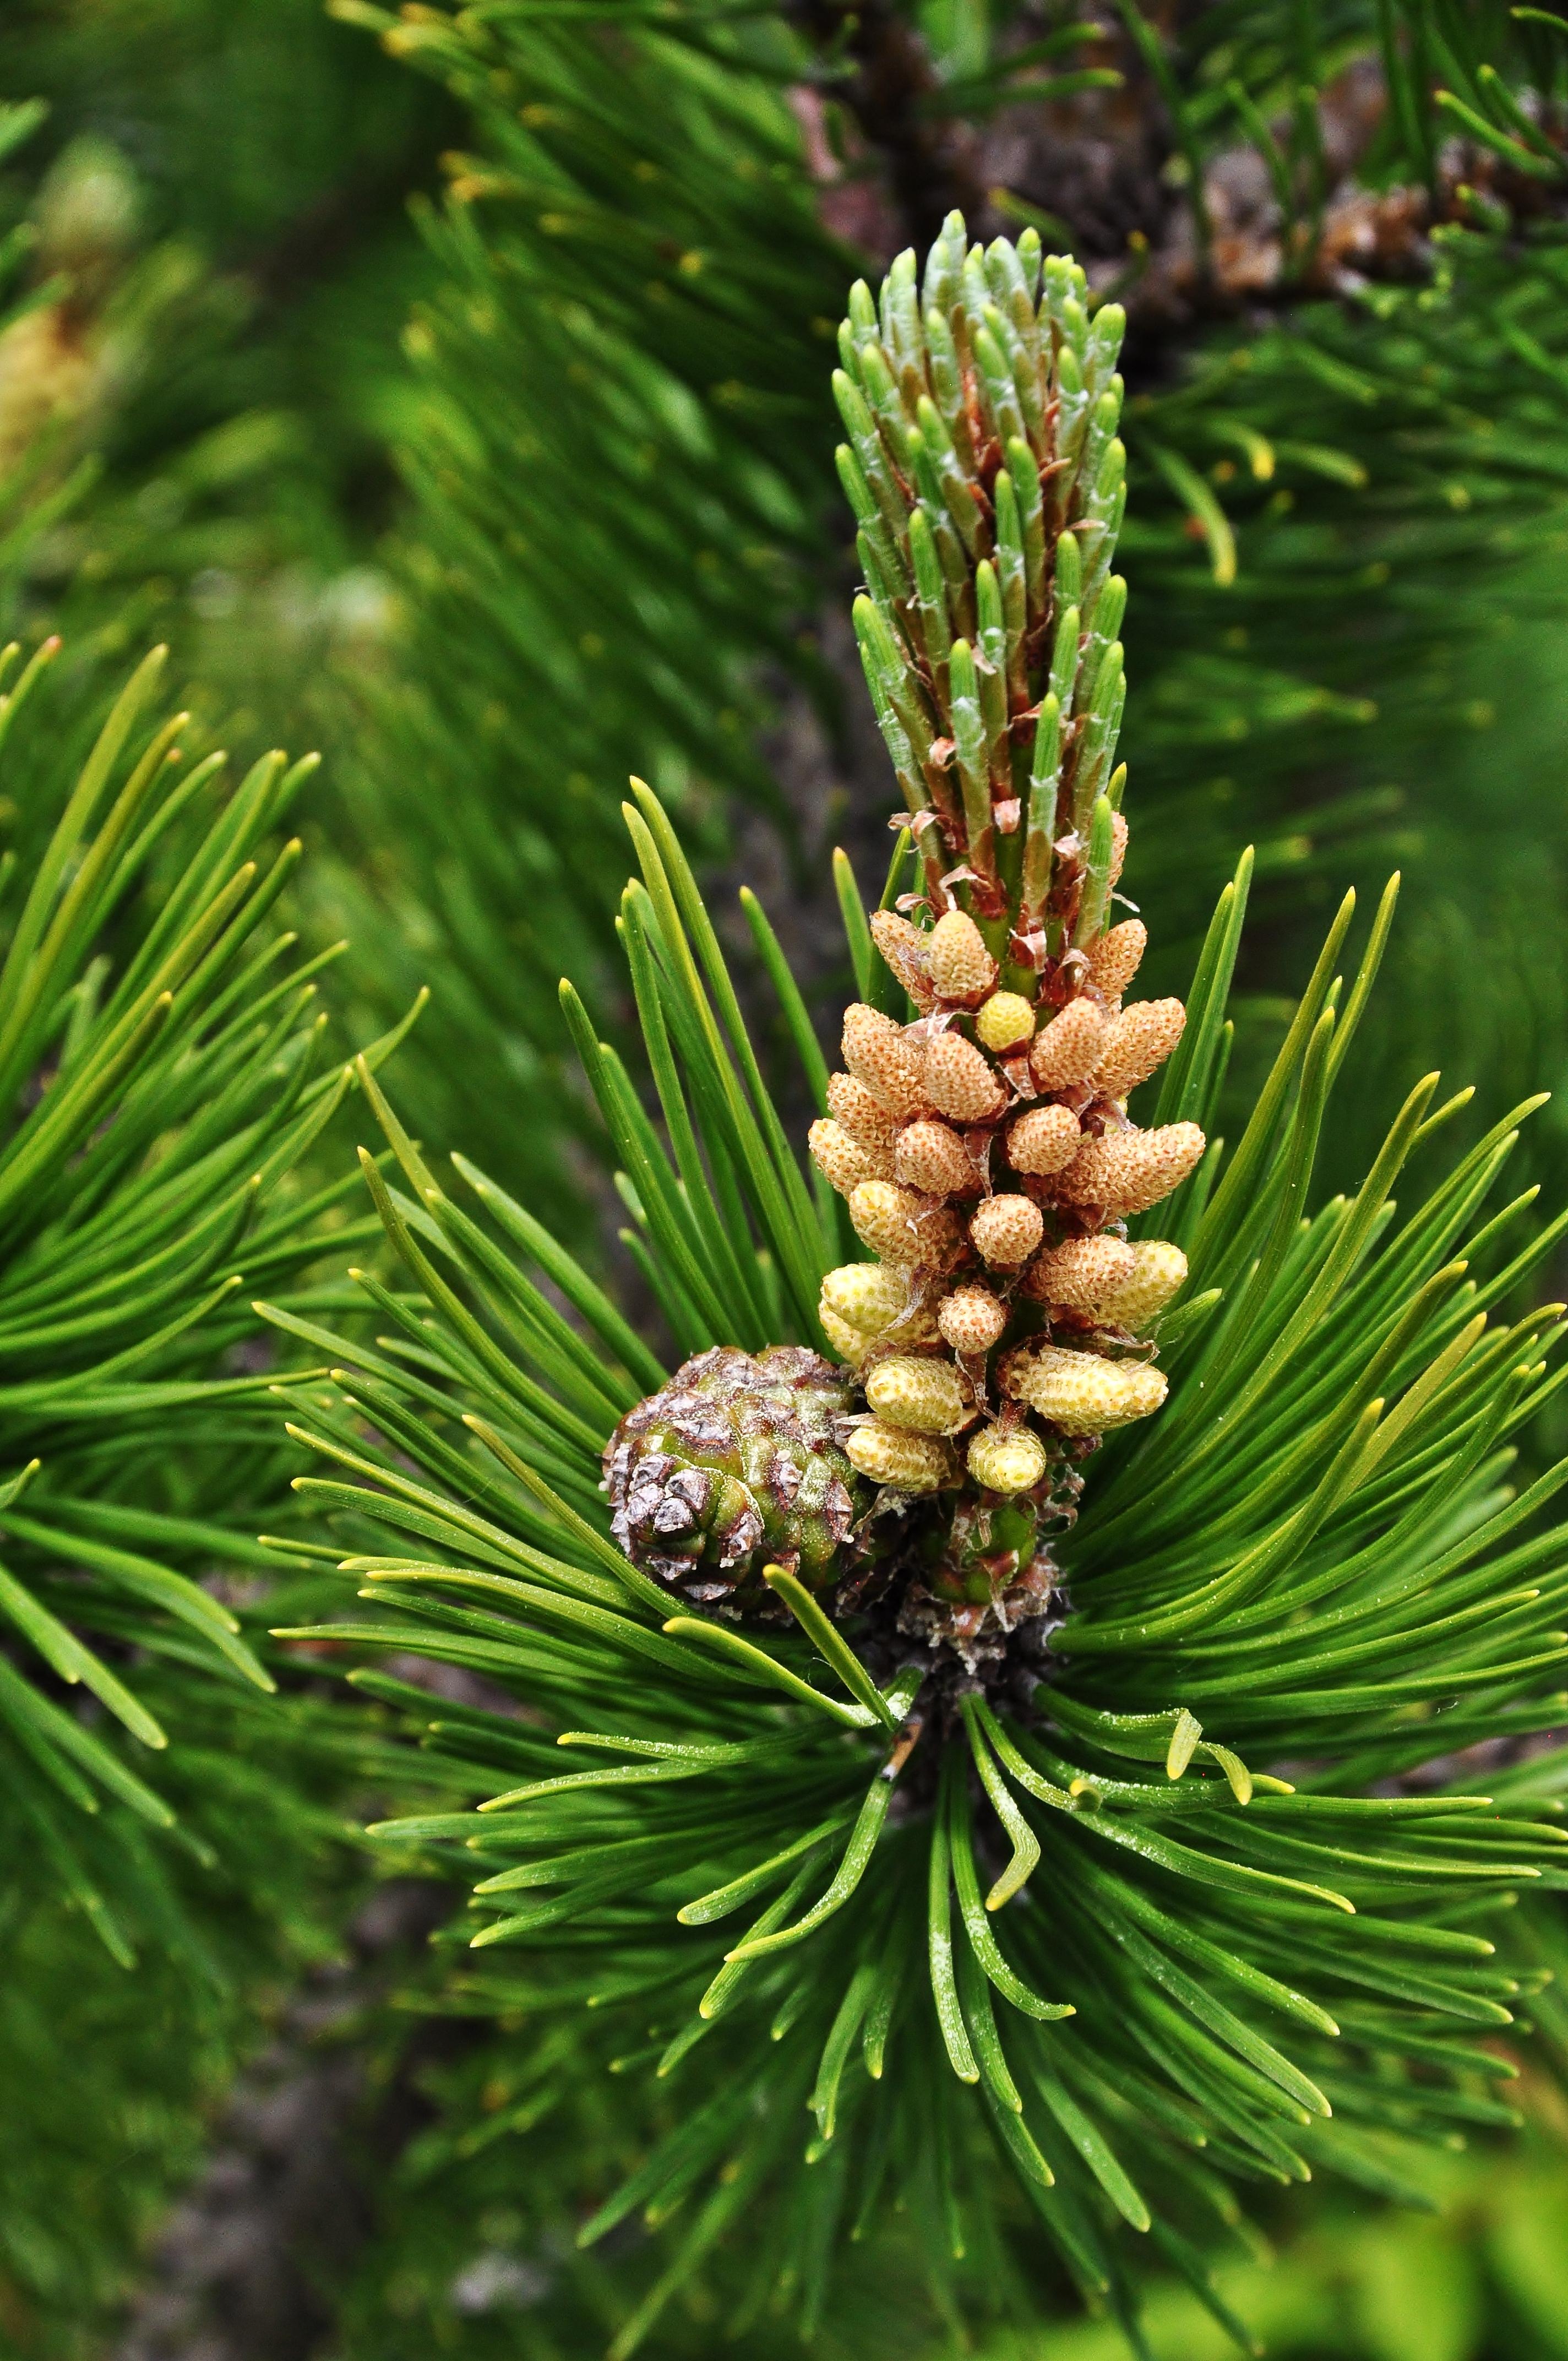 Pinus Pollen File:pinus Mugo Pollen Cones2